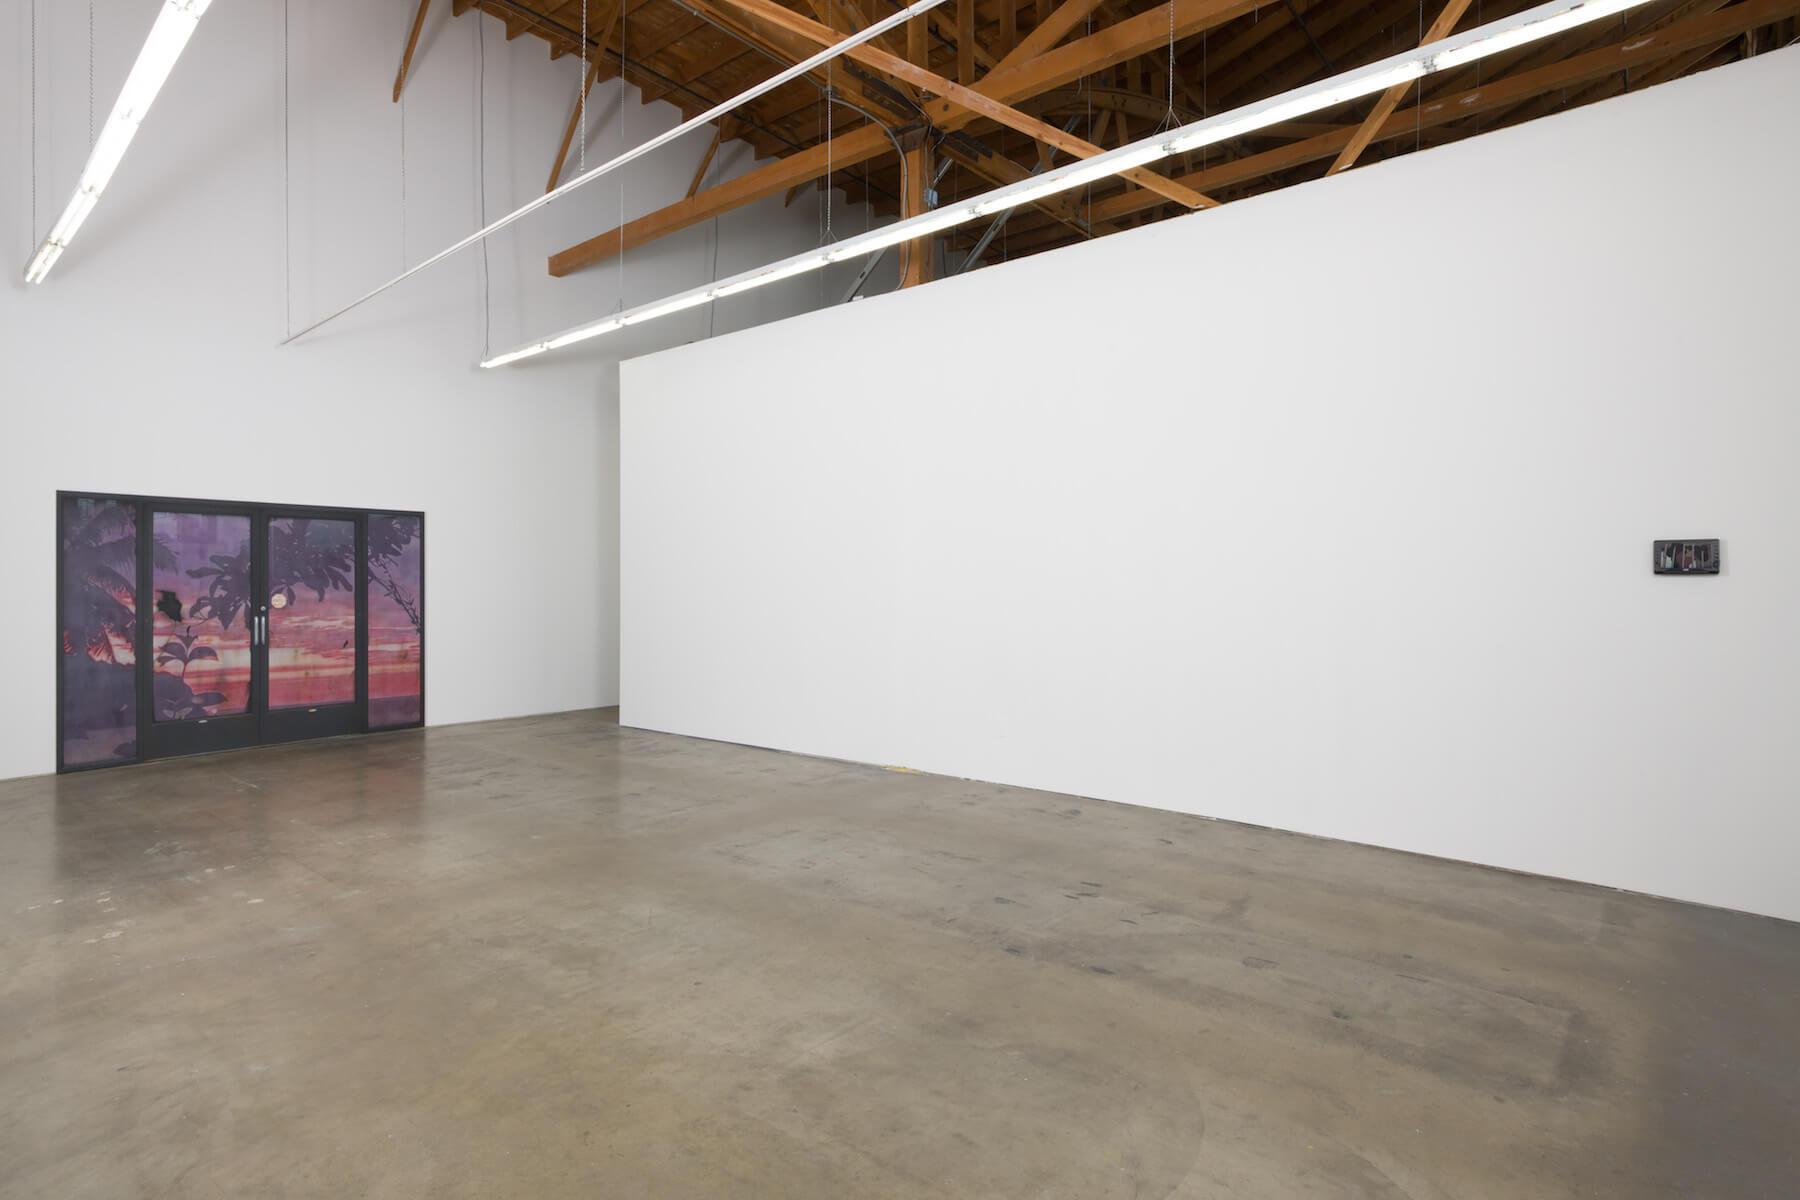 1_Sayre Gomez, installation view, Ghebaly Gallery